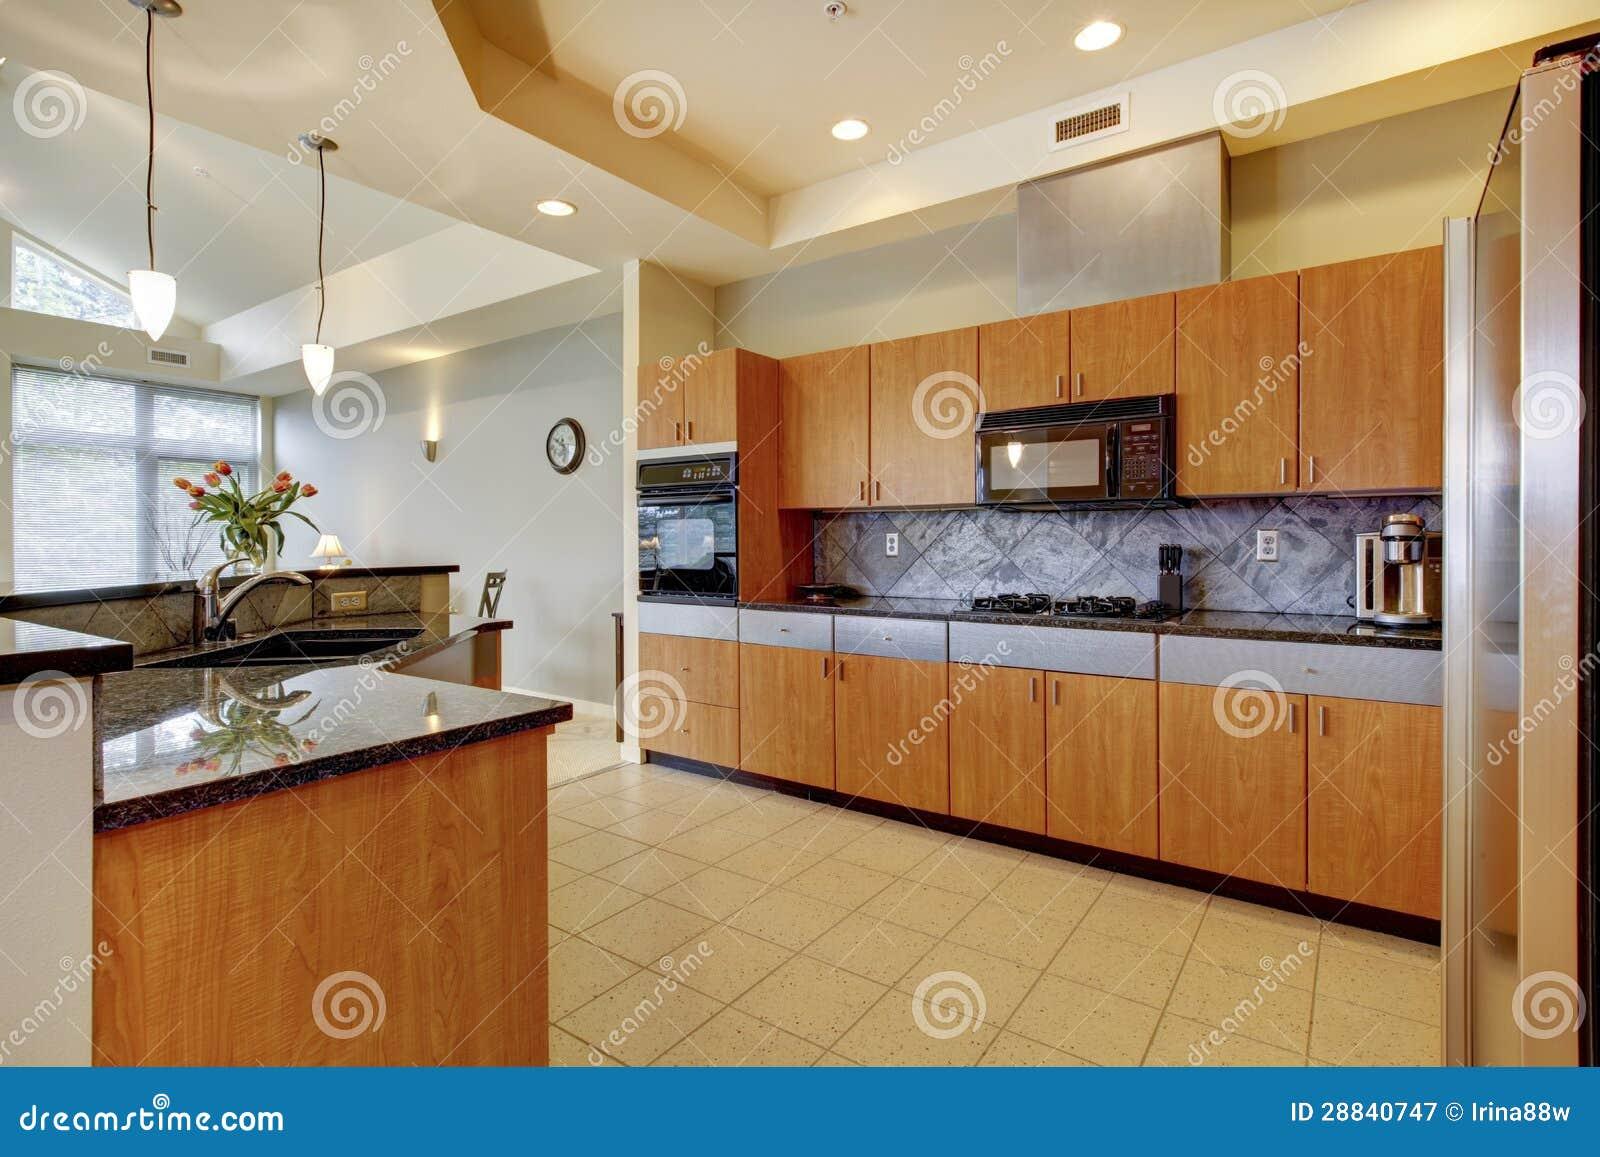 Grote moderne houten keuken met woonkamer en hoog plafond stock afbeelding afbeelding 28840747 - Moderne keuken en woonkamer ...